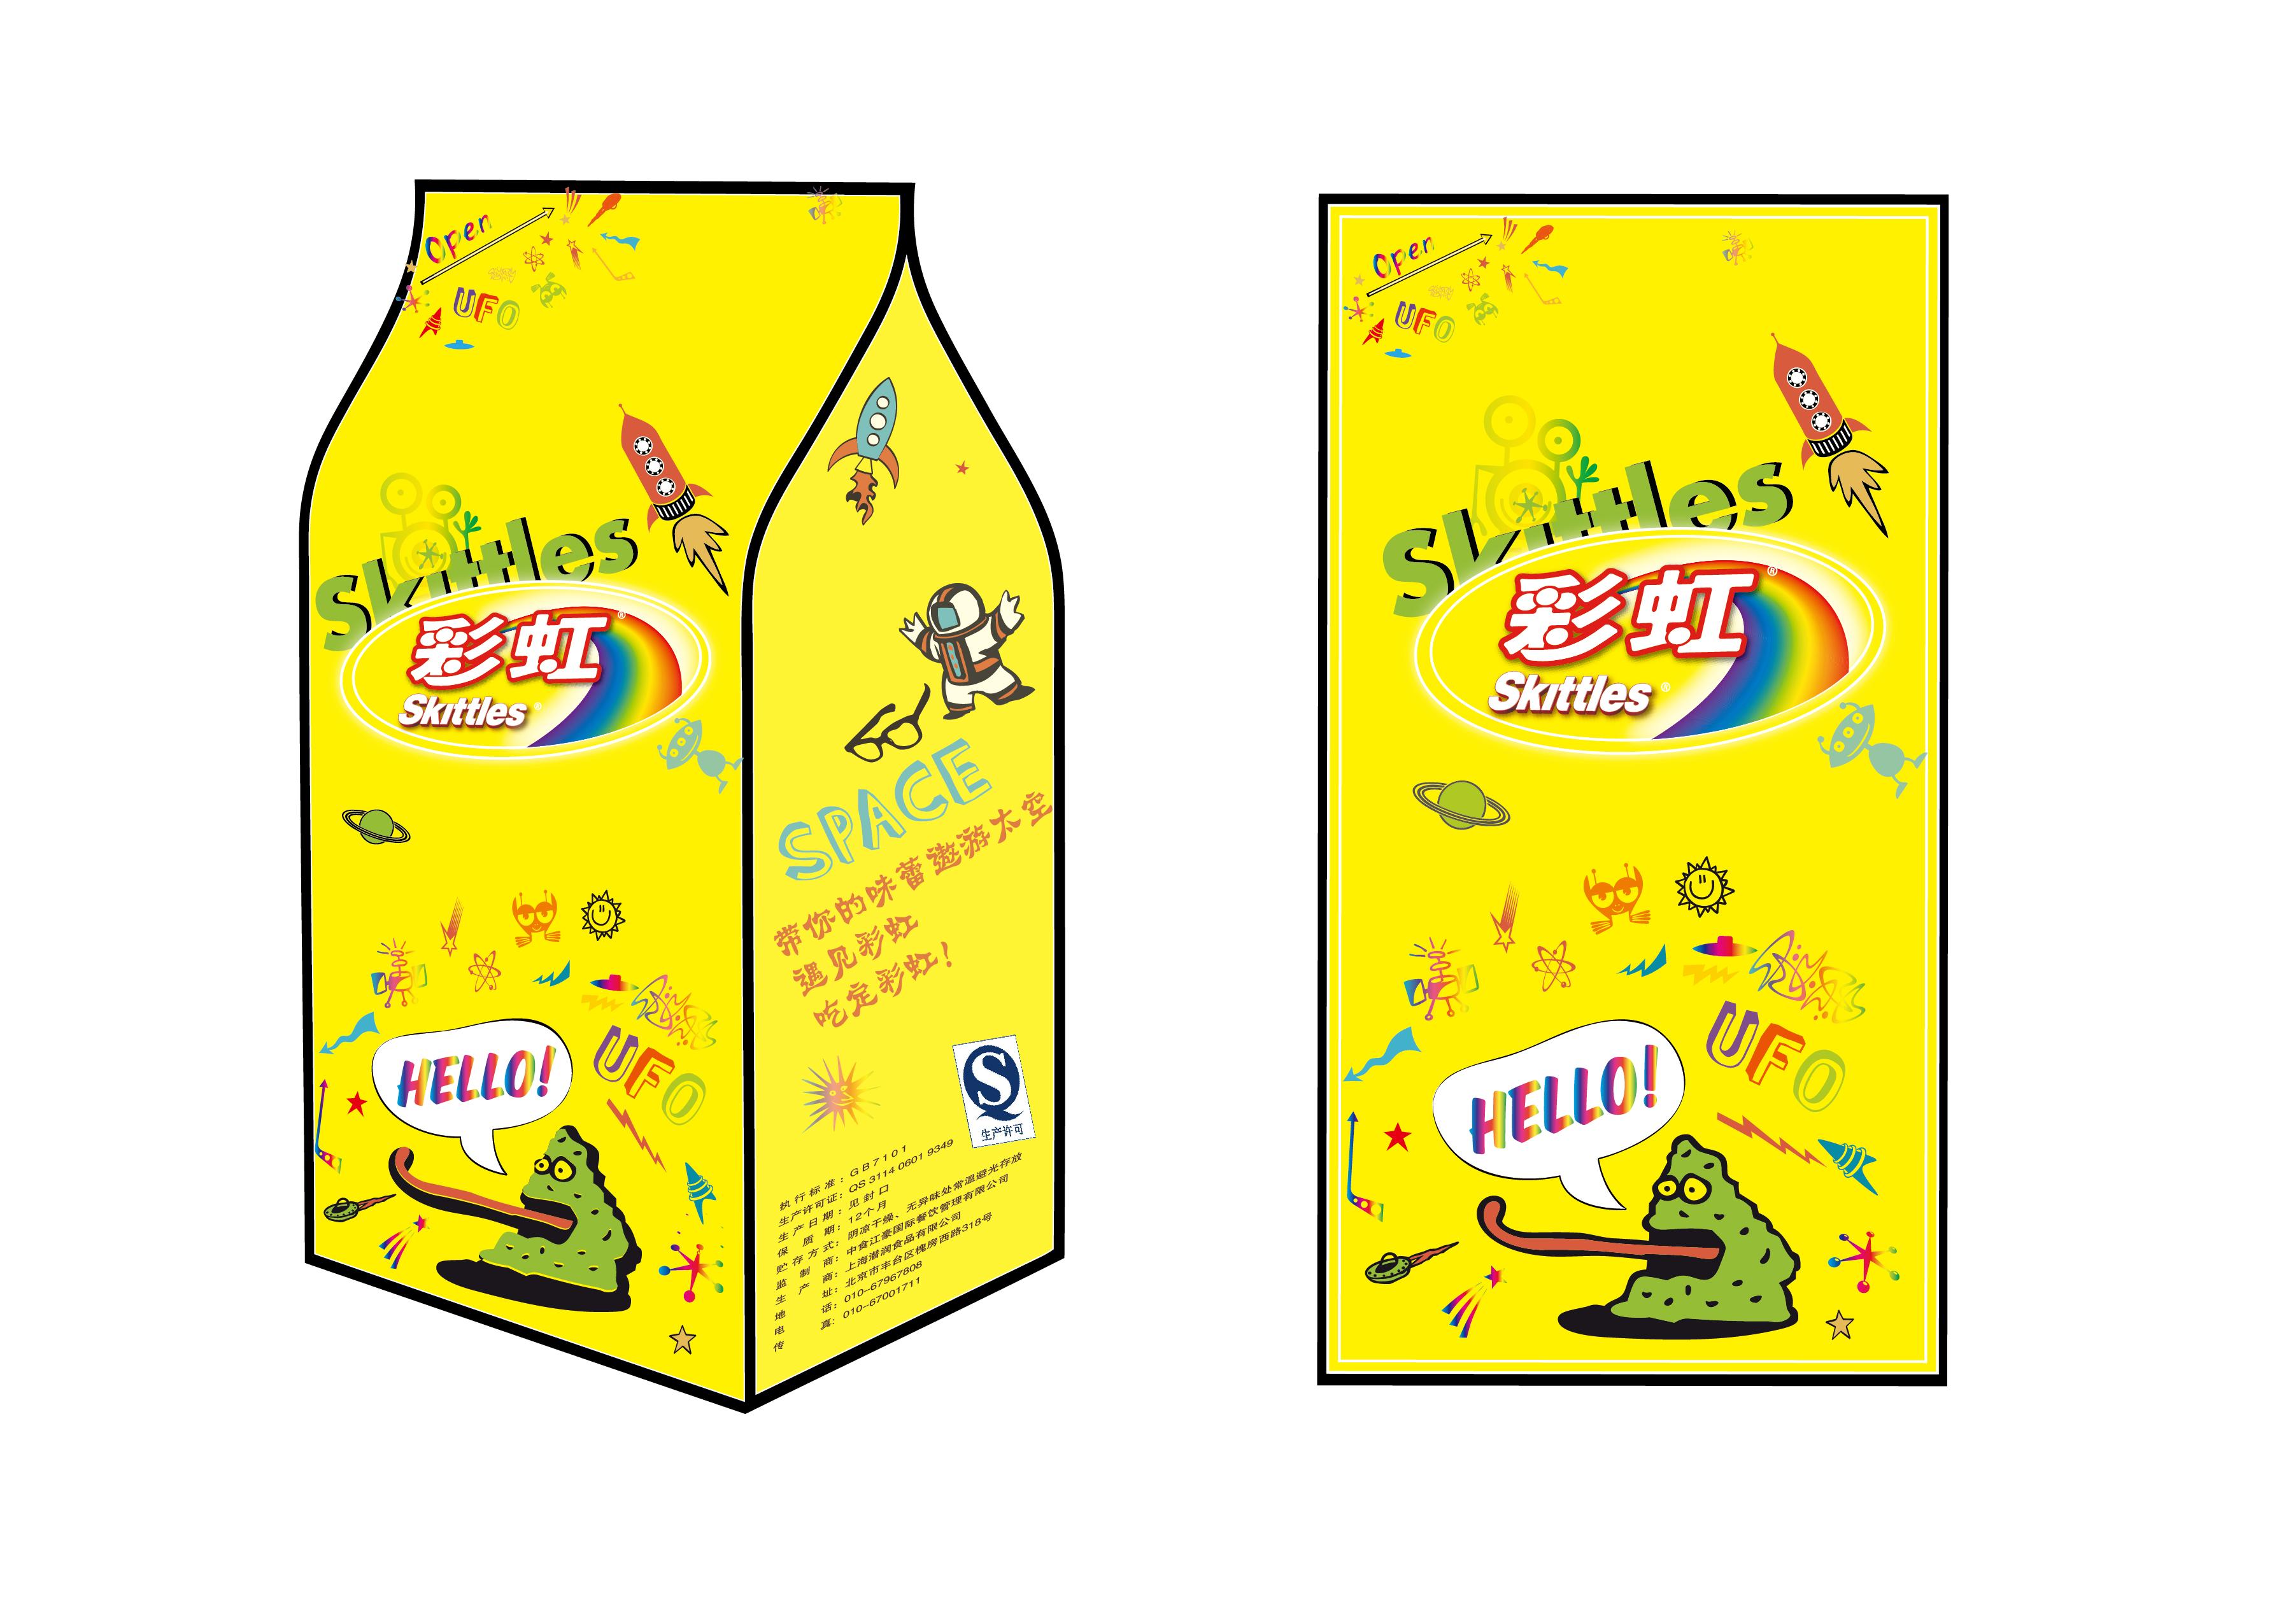 彩虹糖--星际版|平面|包装|guardian0 - 原创作品图片